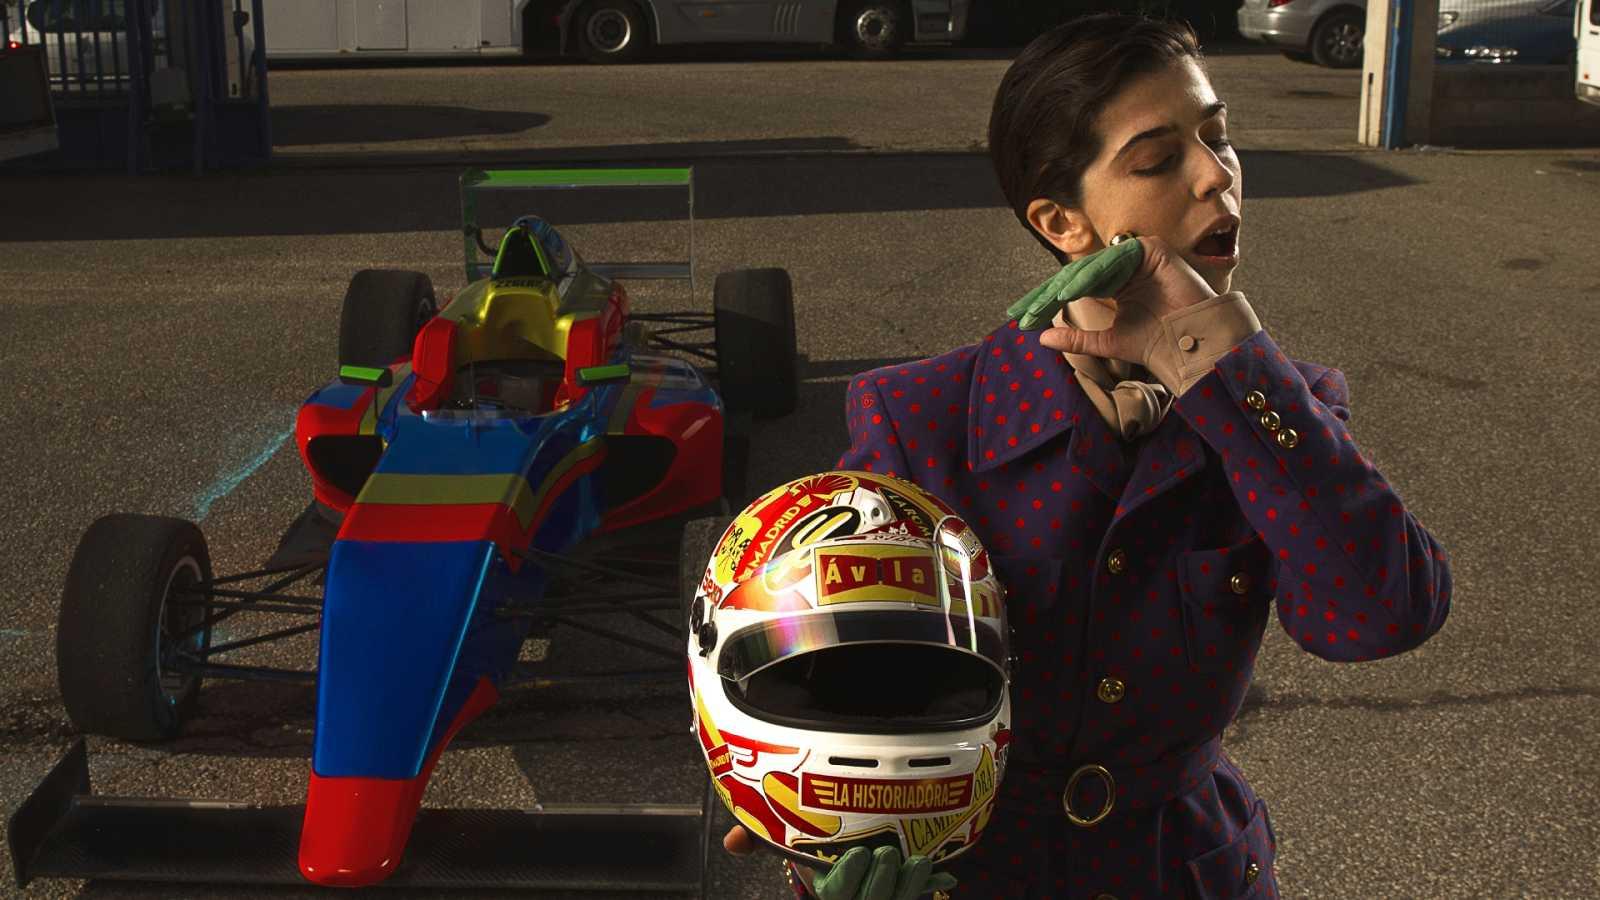 Universo Scallie - Julia de Castro, la mujer total - 06/03/21 - escuchar ahora